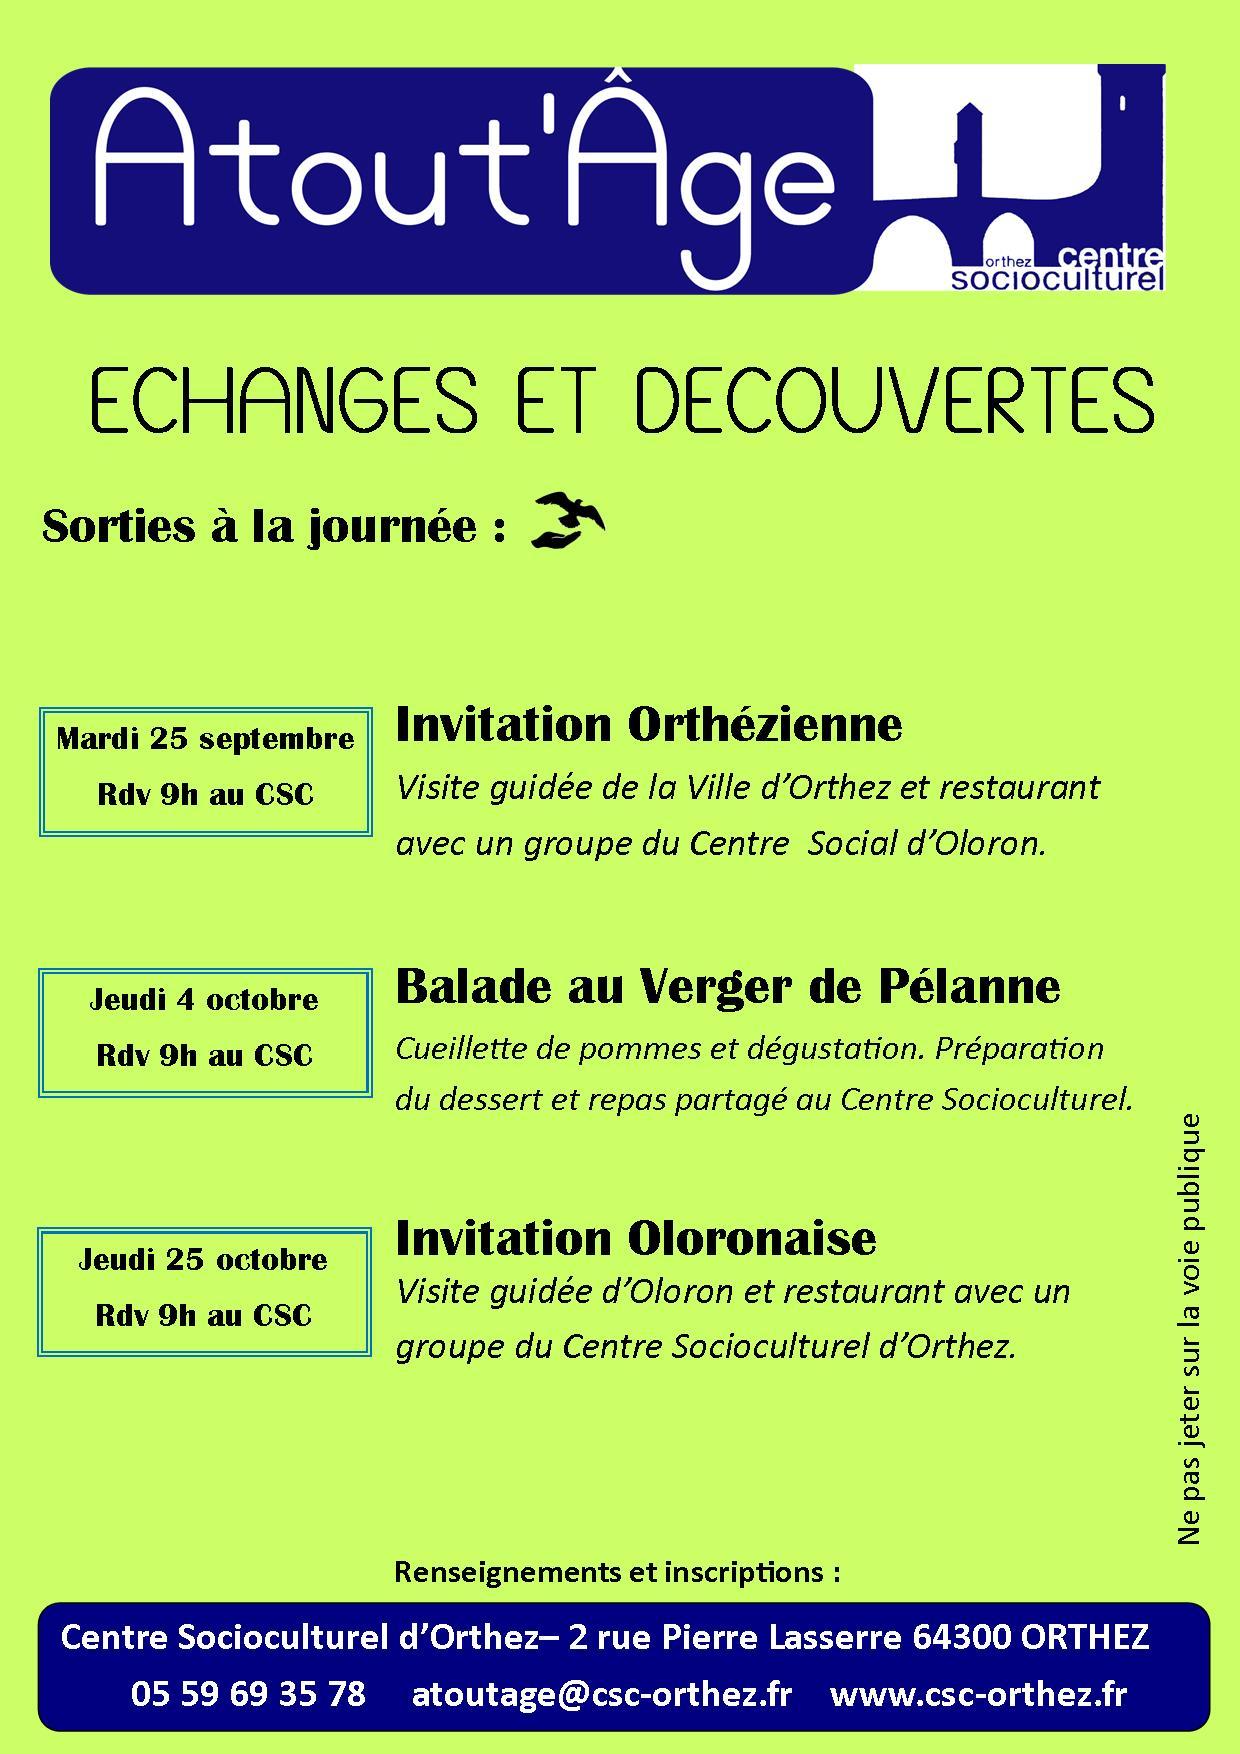 136Echanges et Découvertes T1-1 vert